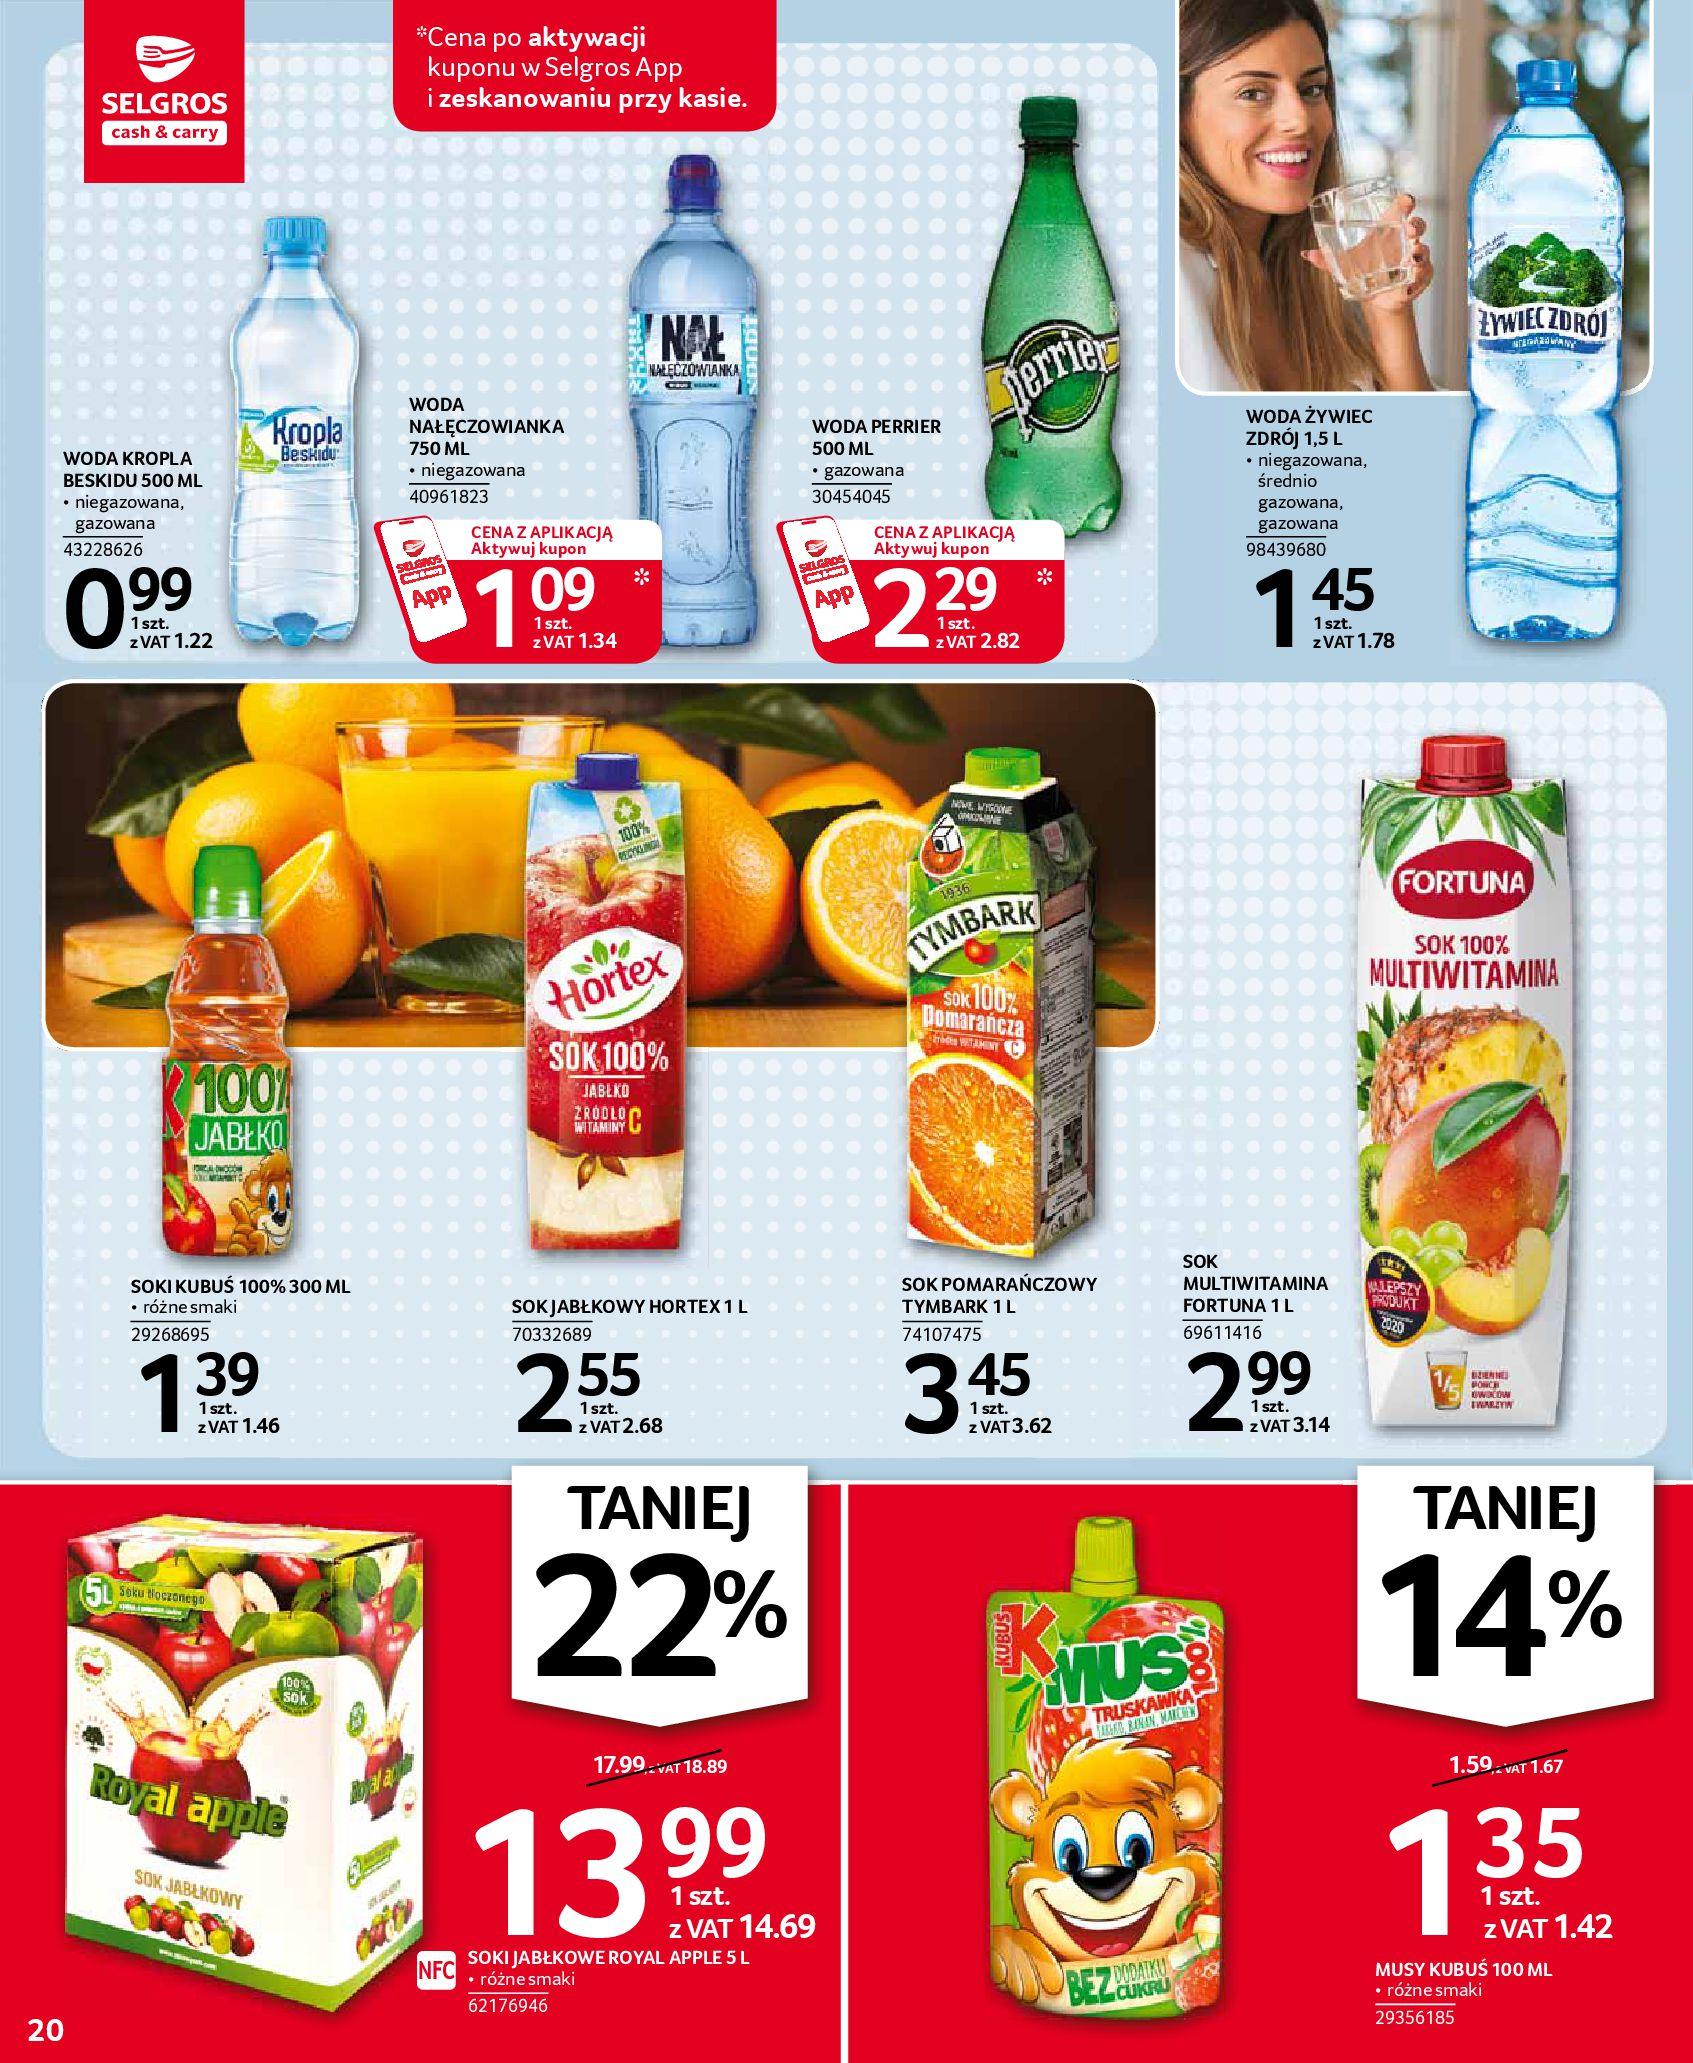 Gazetka Selgros: Oferta spożywcza 2021-01-07 page-20